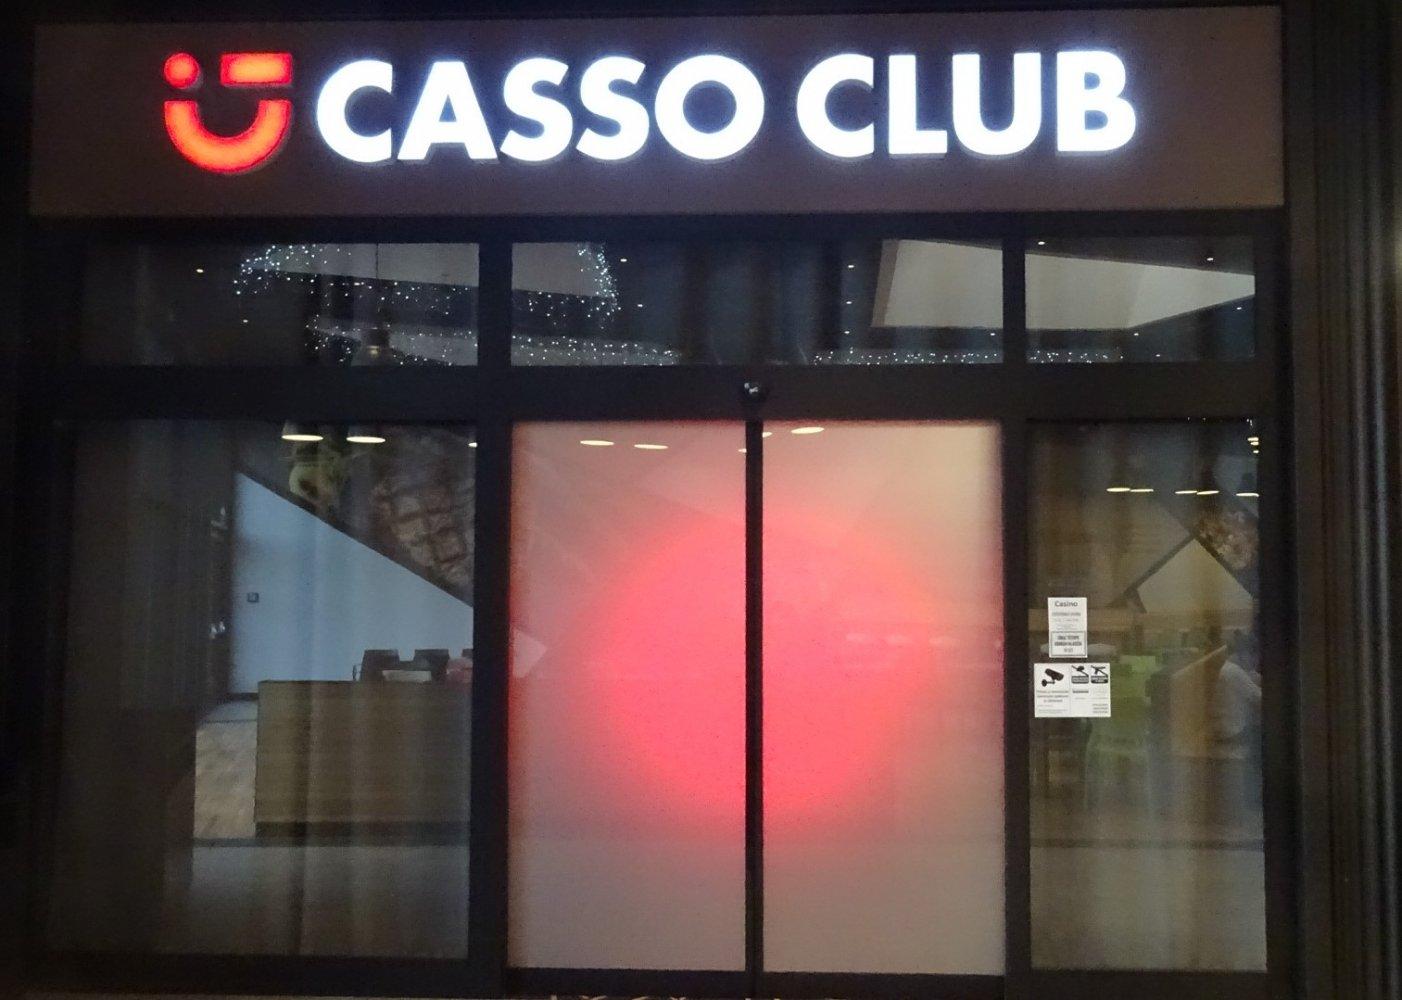 Casso Club